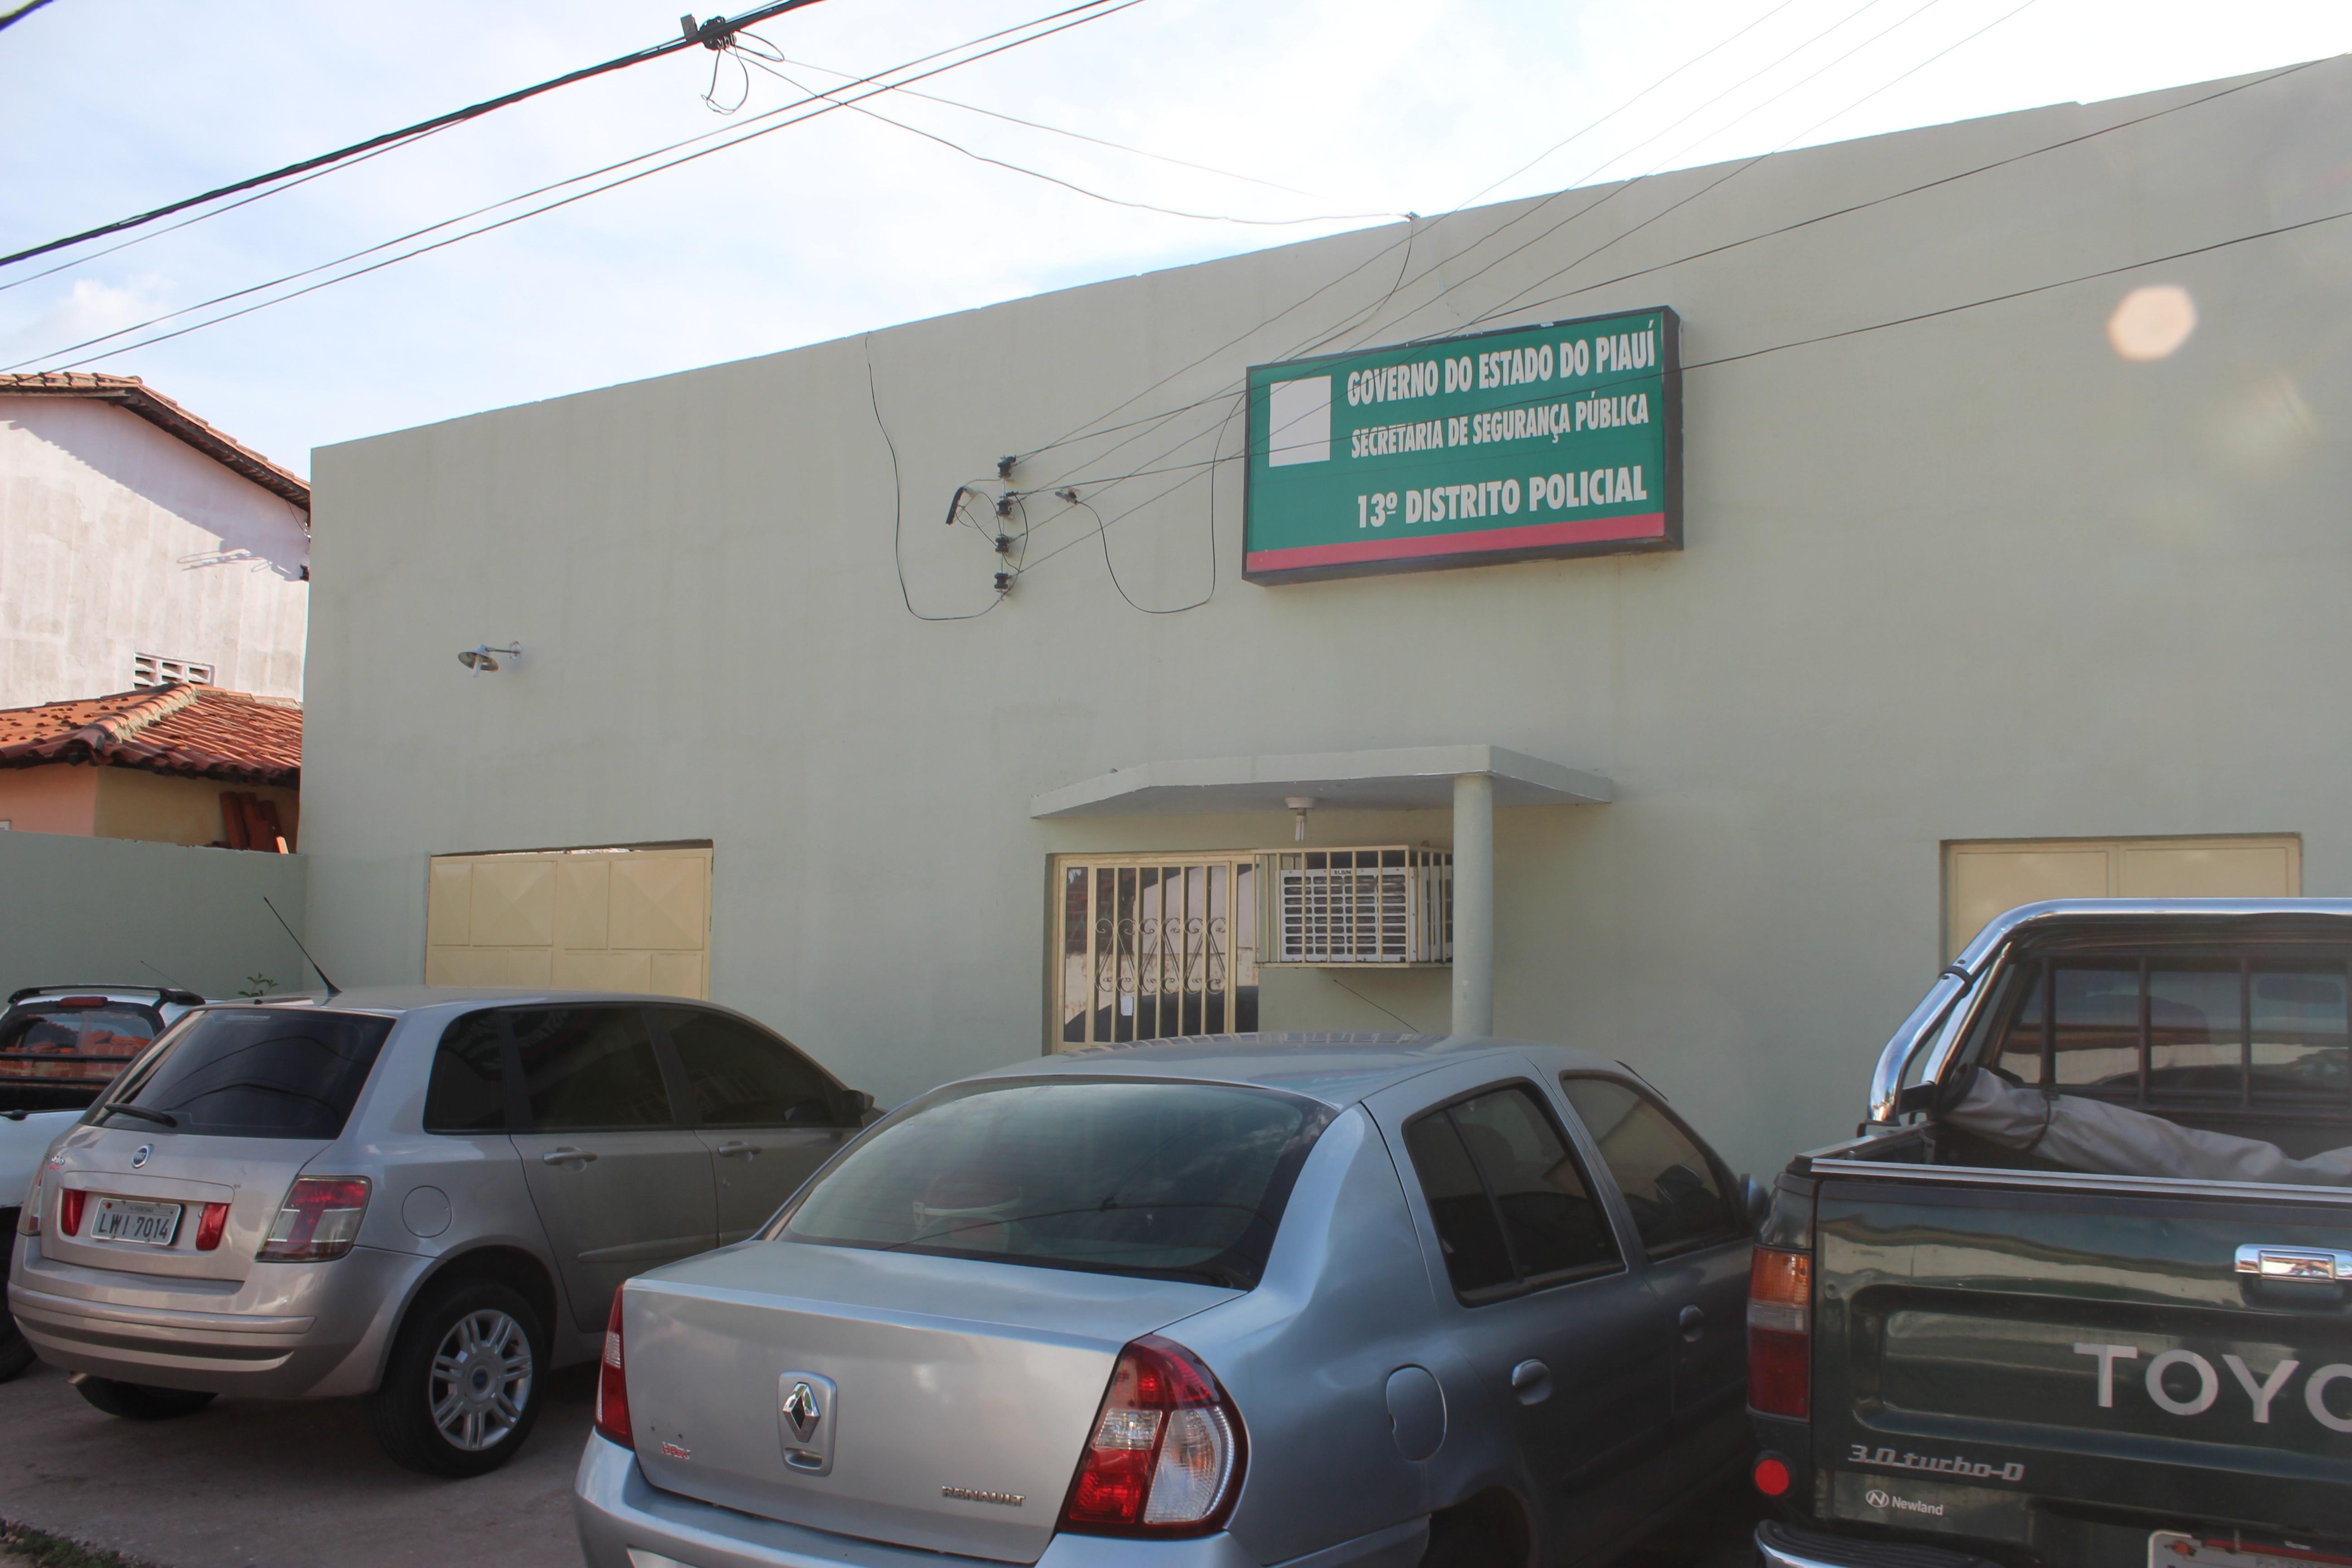 Presa suspeita de cobrar R$ 1.500 para não divulgar conversa íntima com servidor público em Teresina